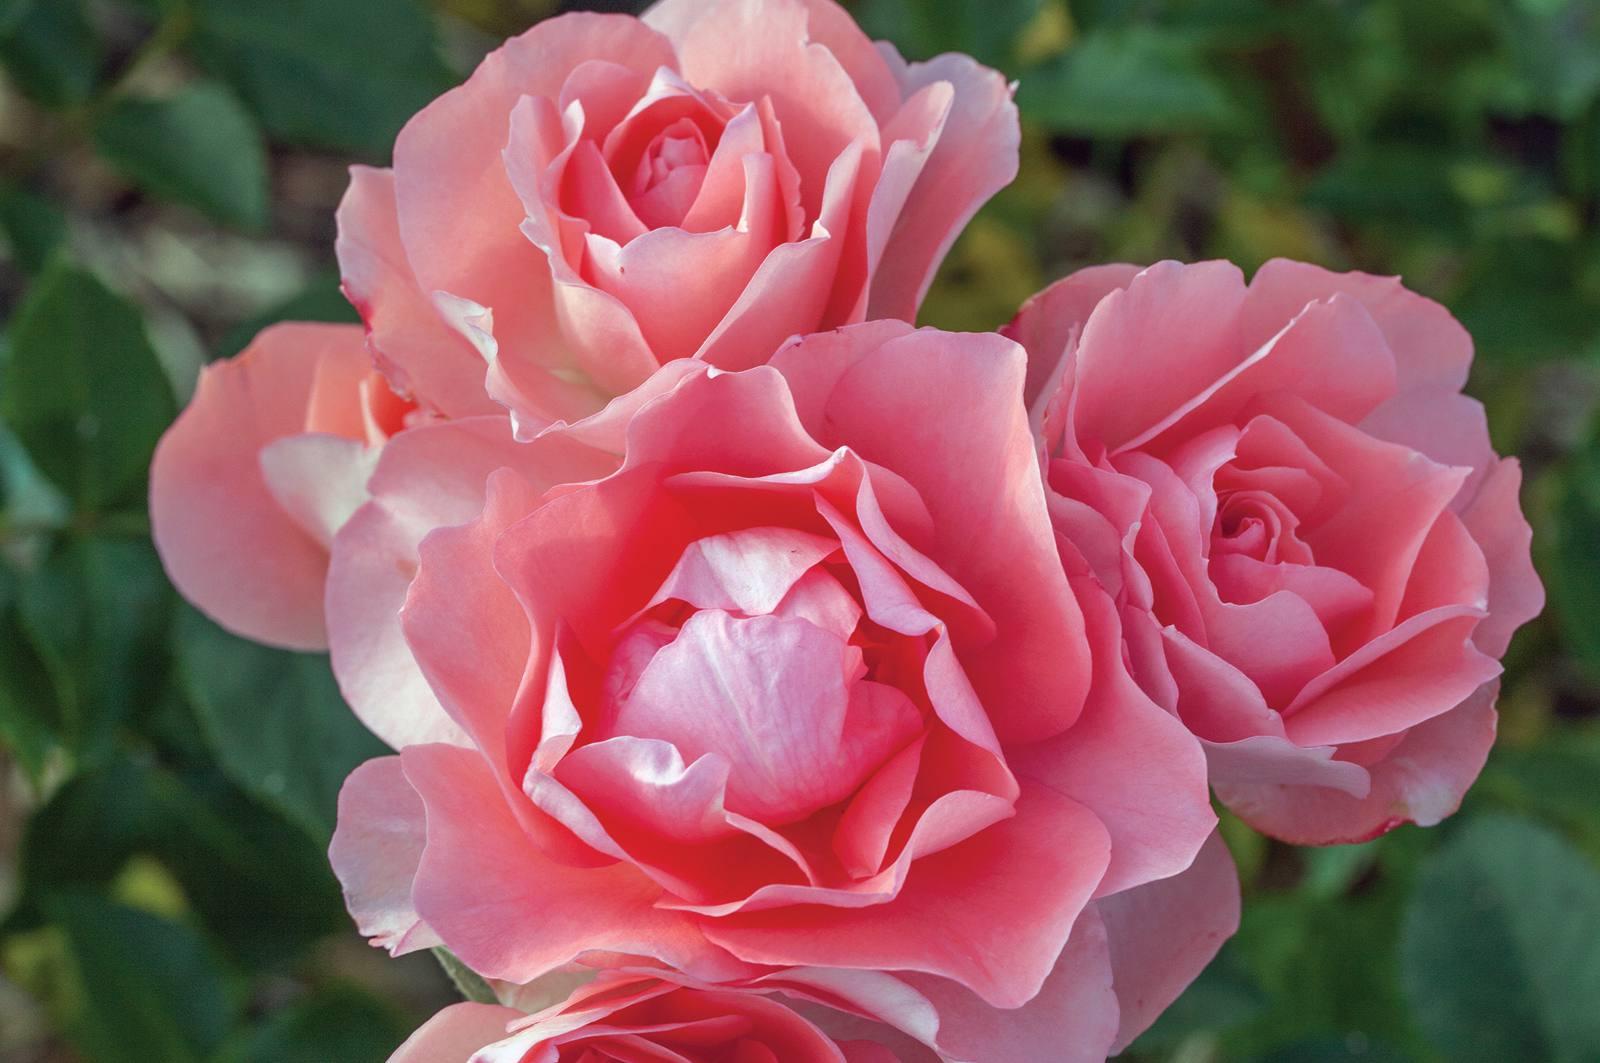 Passionate Kisses 'Meizebel' roses